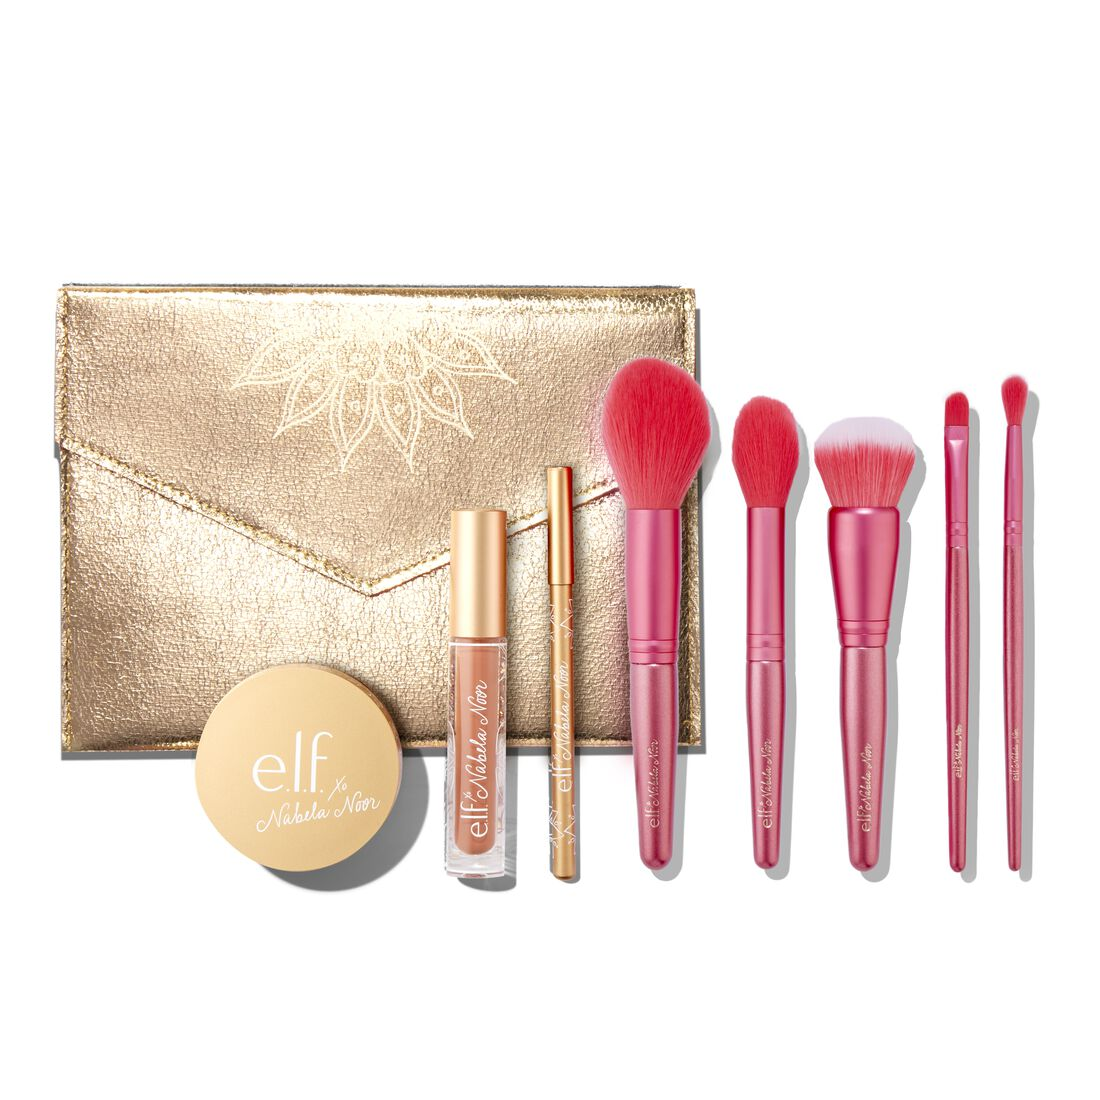 E.l.f Cosmetics - e.l.f. xo Nabela Noor Complete Collection